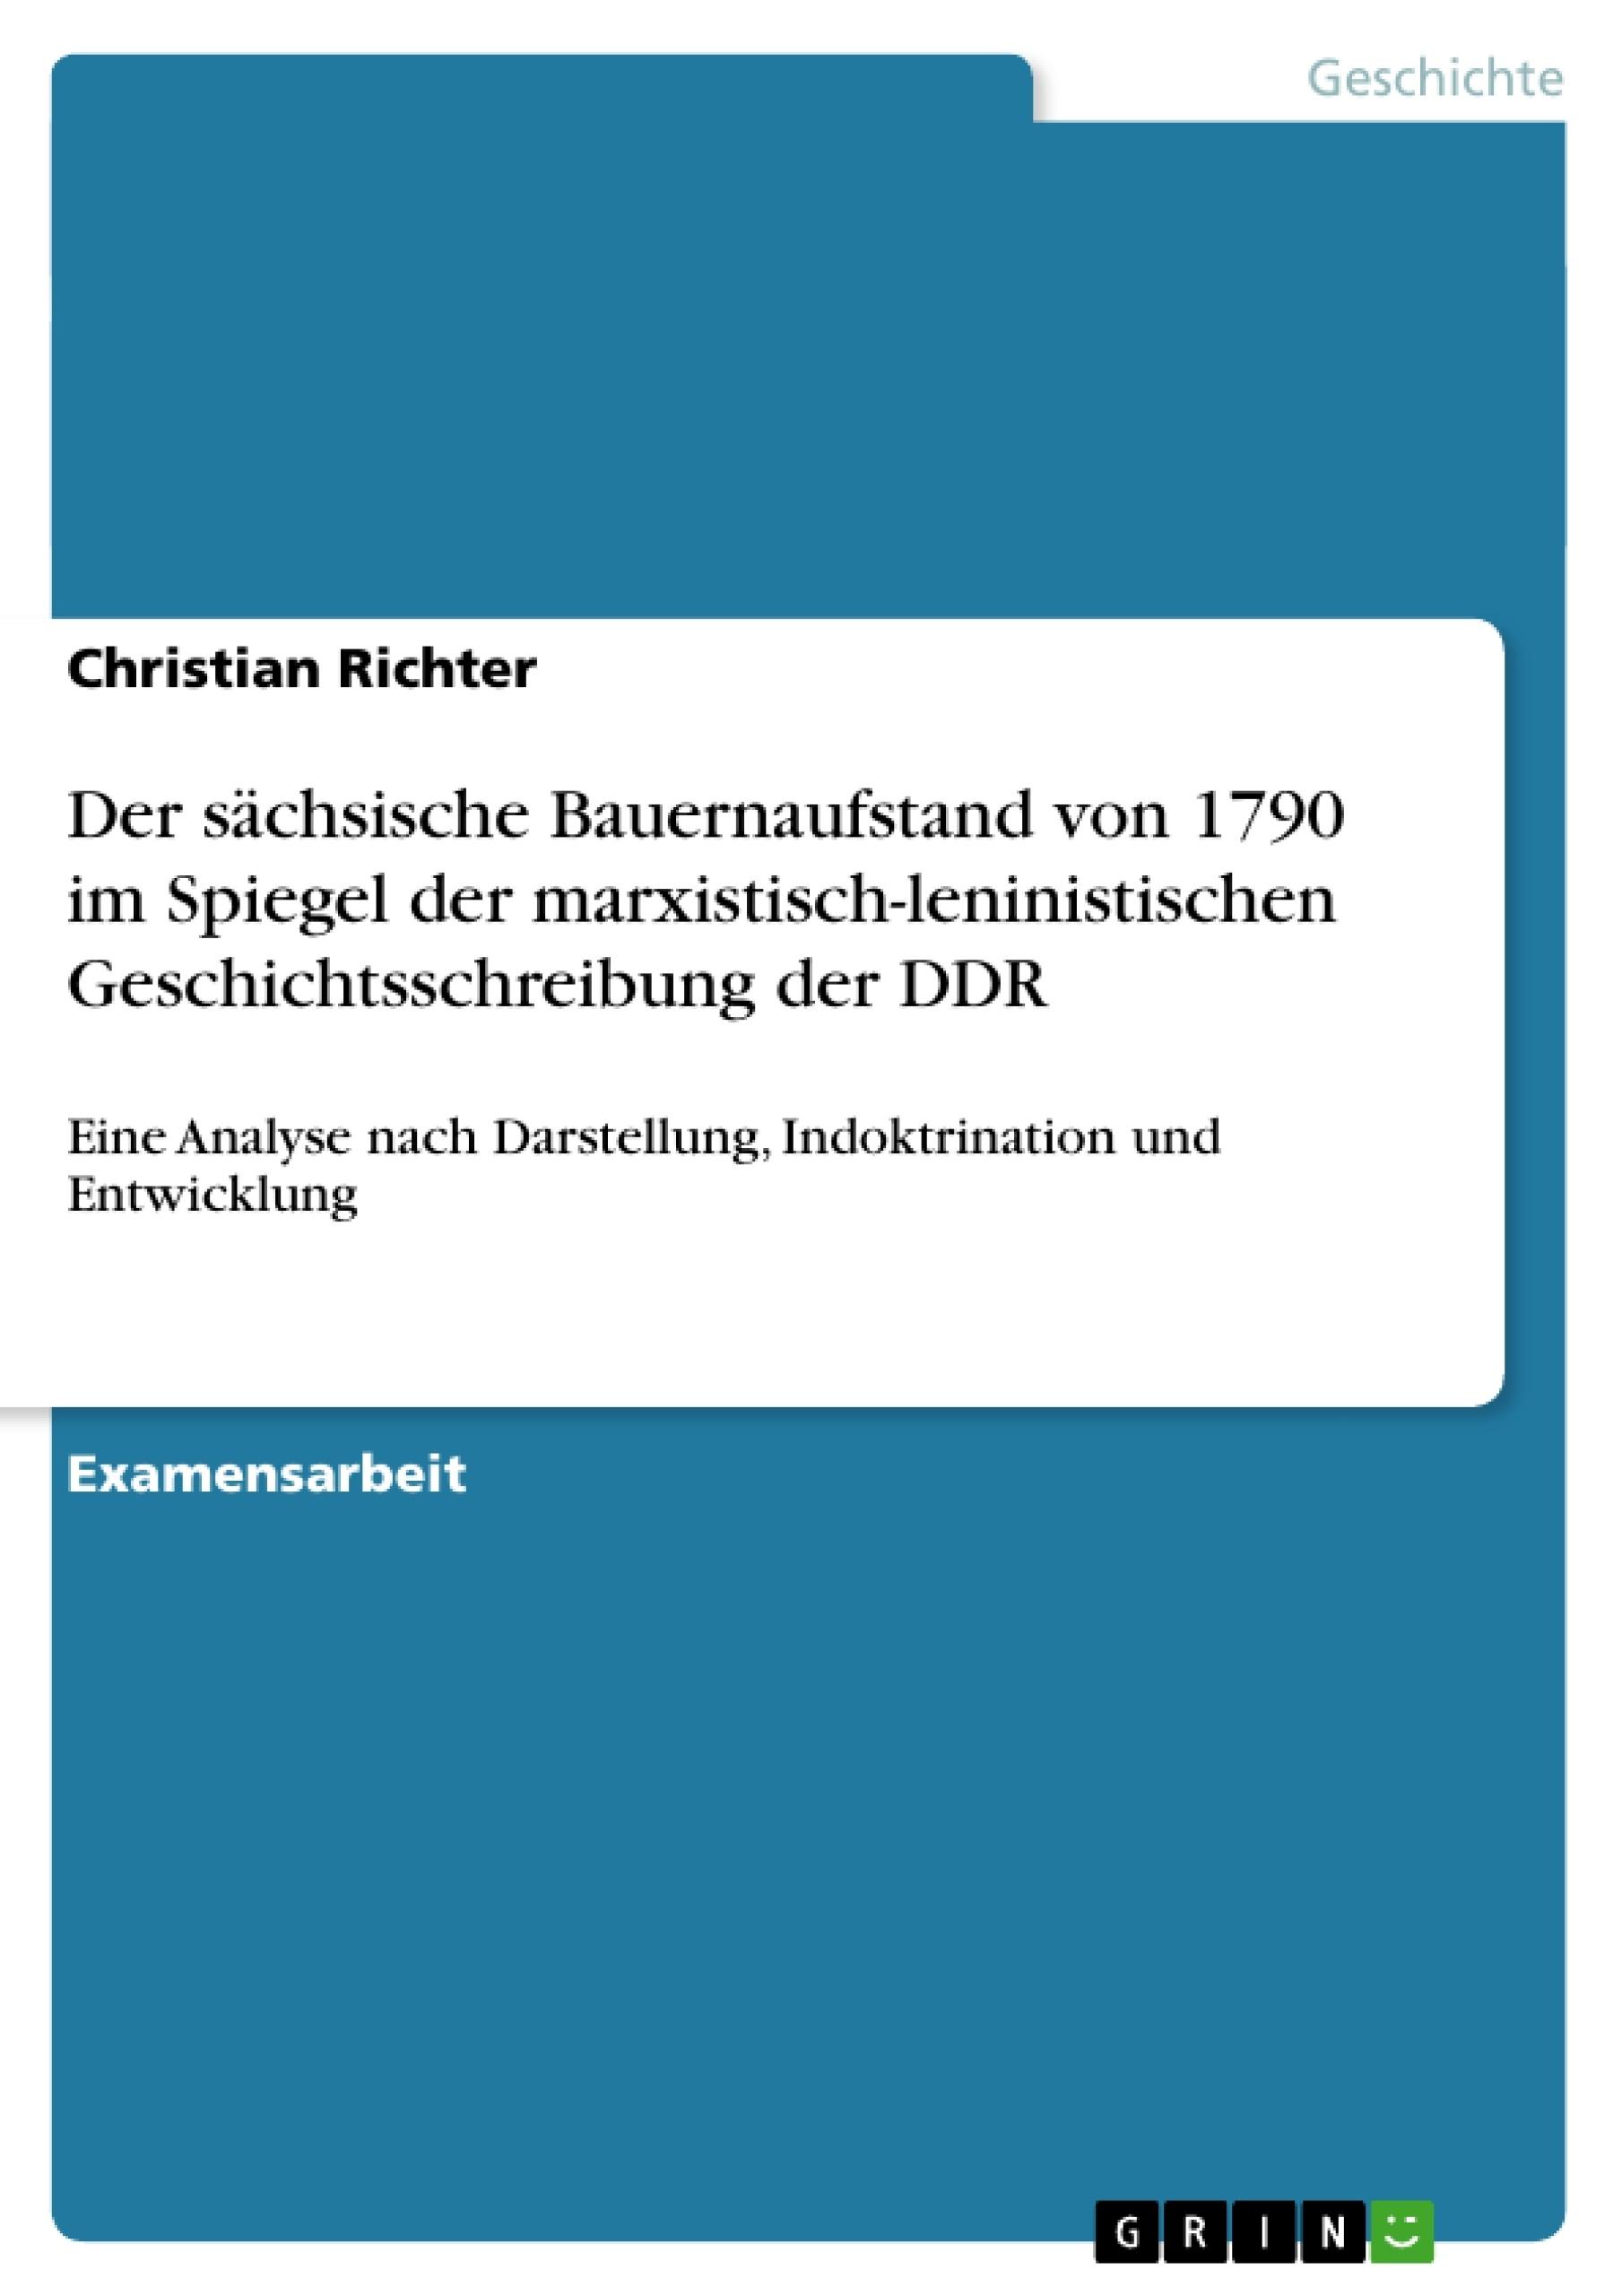 Titel: Der sächsische Bauernaufstand von 1790 im Spiegel der marxistisch-leninistischen Geschichtsschreibung der DDR